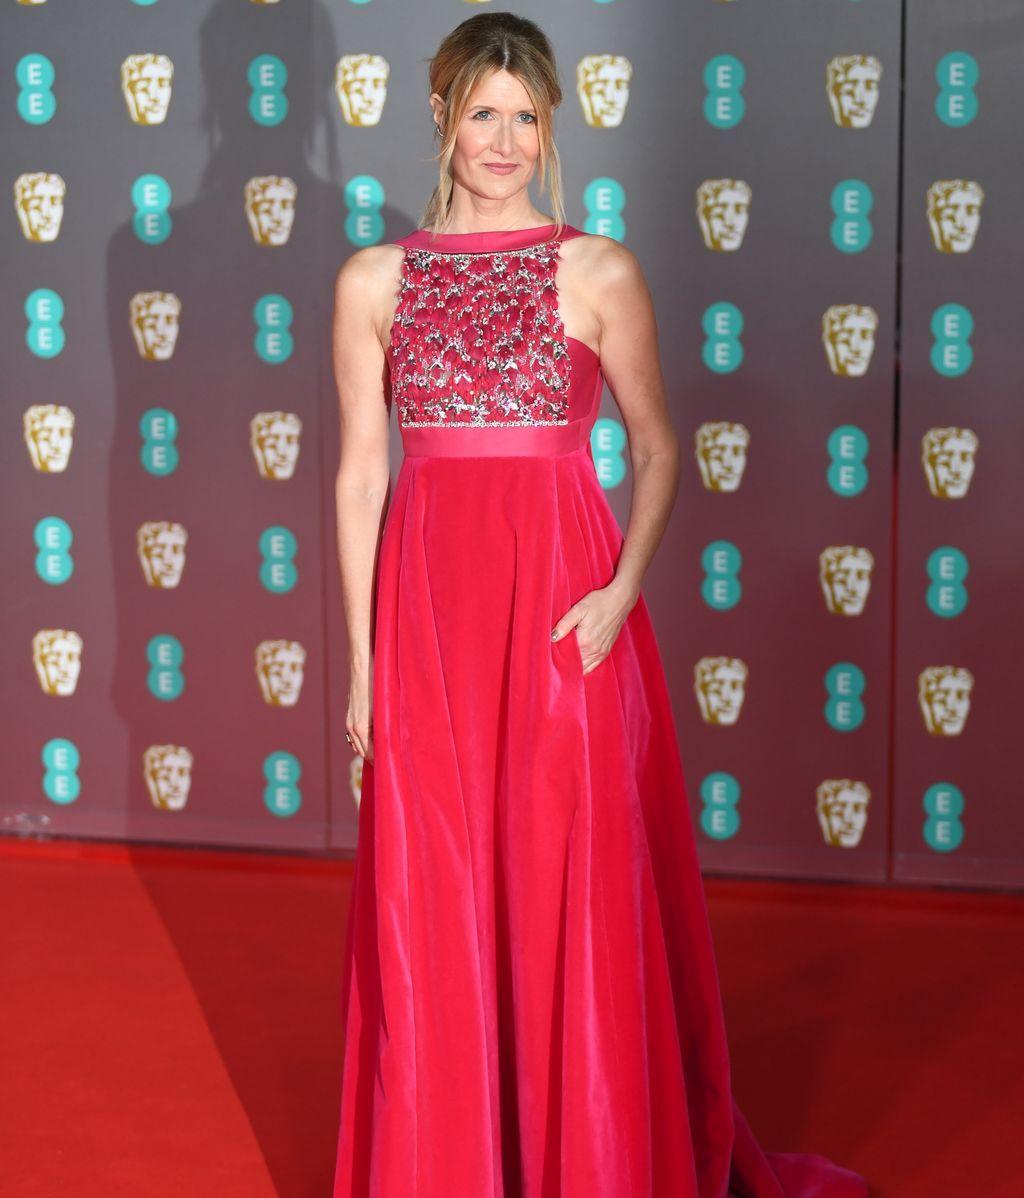 Laura Dern en la alfombra roja de los Premios Bafta 2019